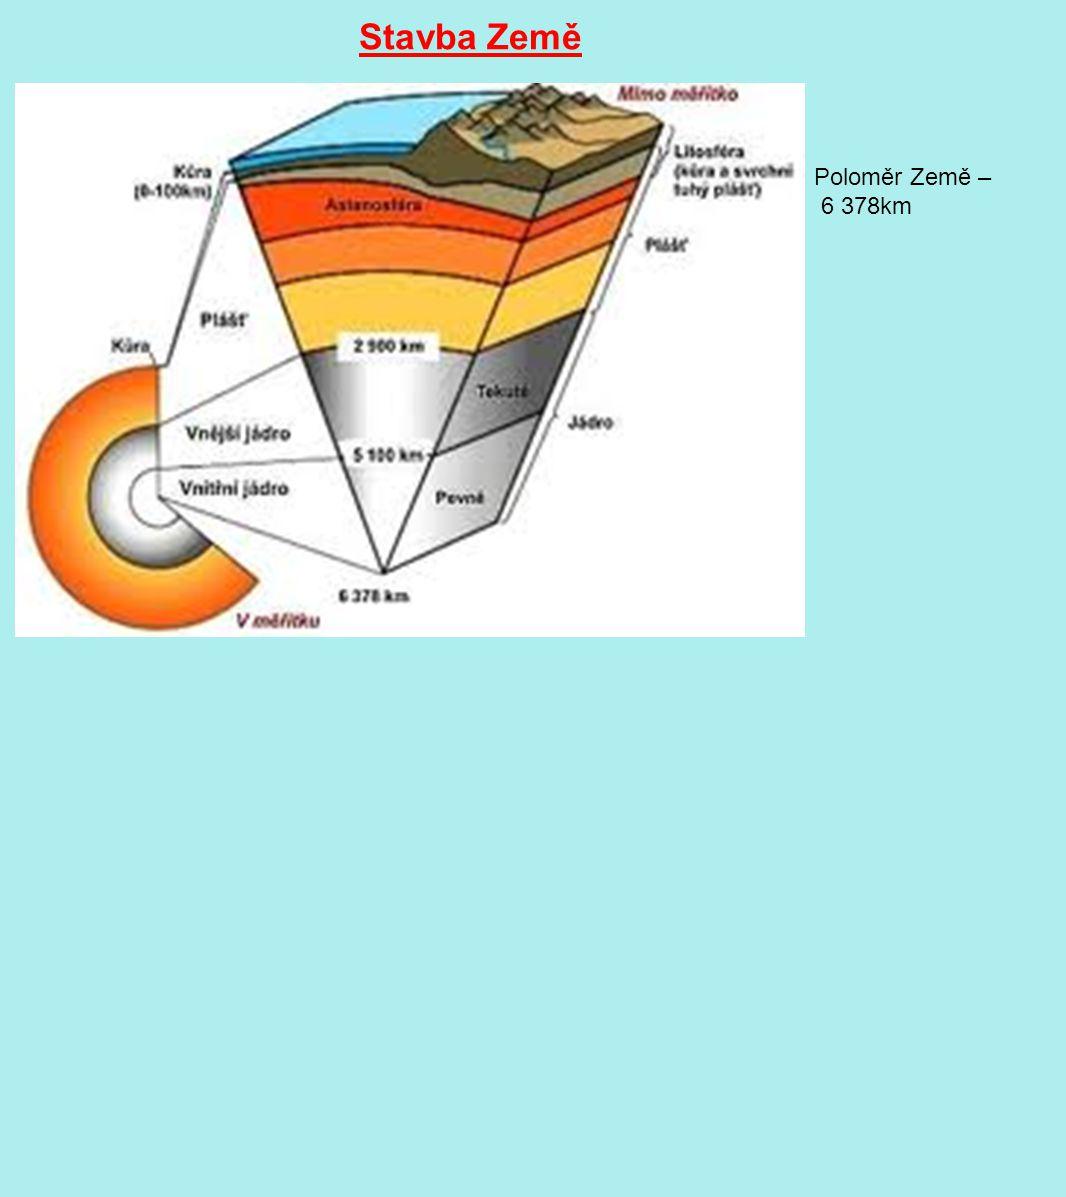 - jednobuněčné i mnohobuněčné organizmy - nemají chloroplasty tělo: stélka - z houbových vláken (hyf) rouško: obsahuje výtrusy - na lupenech - v rourkách houby - lupenaté ( bedly, muchomůrky, ryzce...) - rourkaté (hřiby, křemenáče, suchohřiby,...) cizopasné houby: způsobují choroby hniložijné houby: rozkladači odumřelých zbytků org.